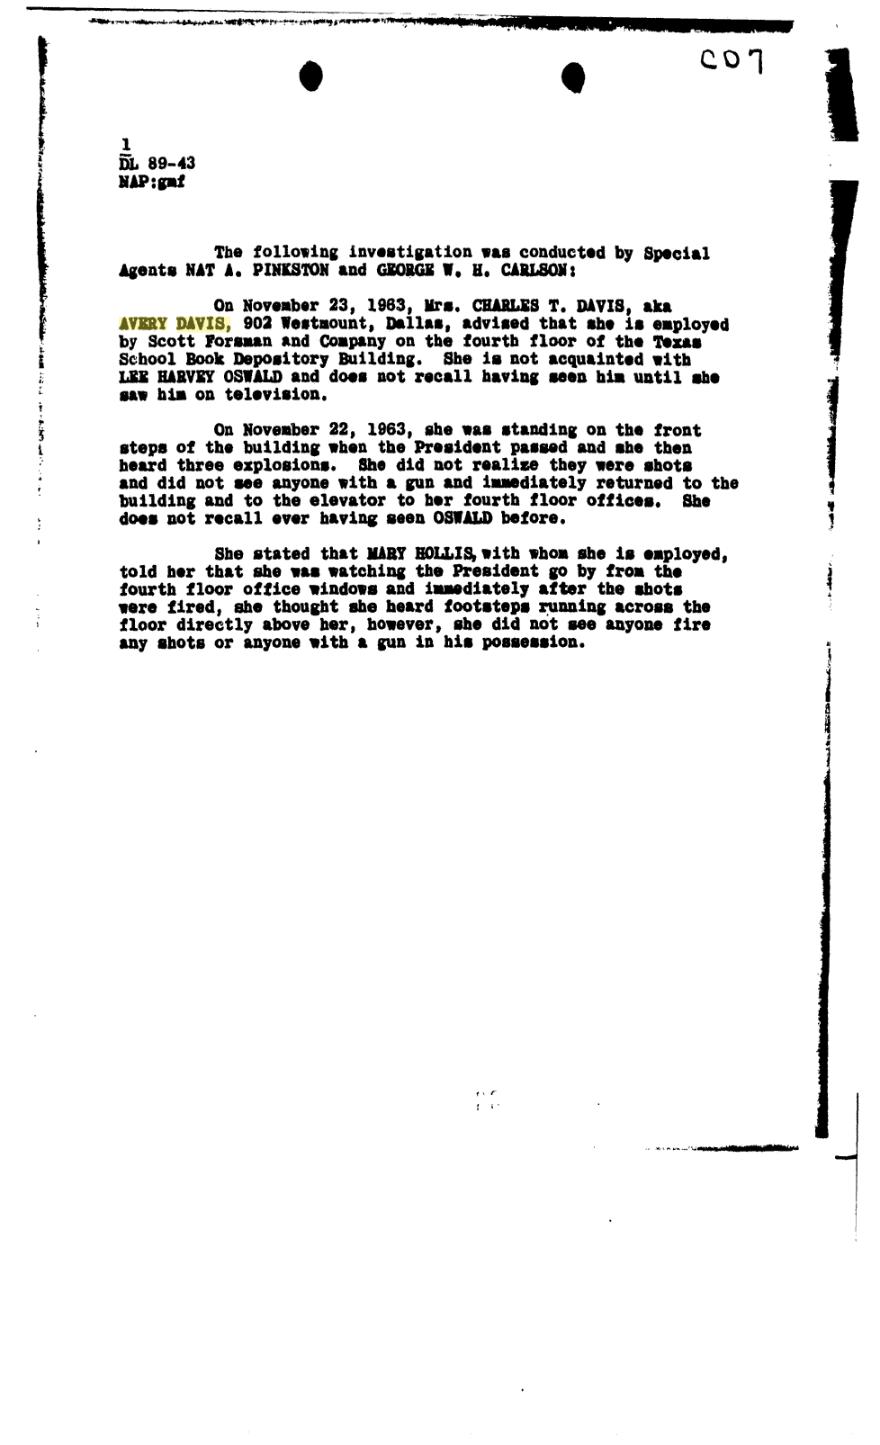 CD7 FBI Gemberling Report of 10 Dec 1963